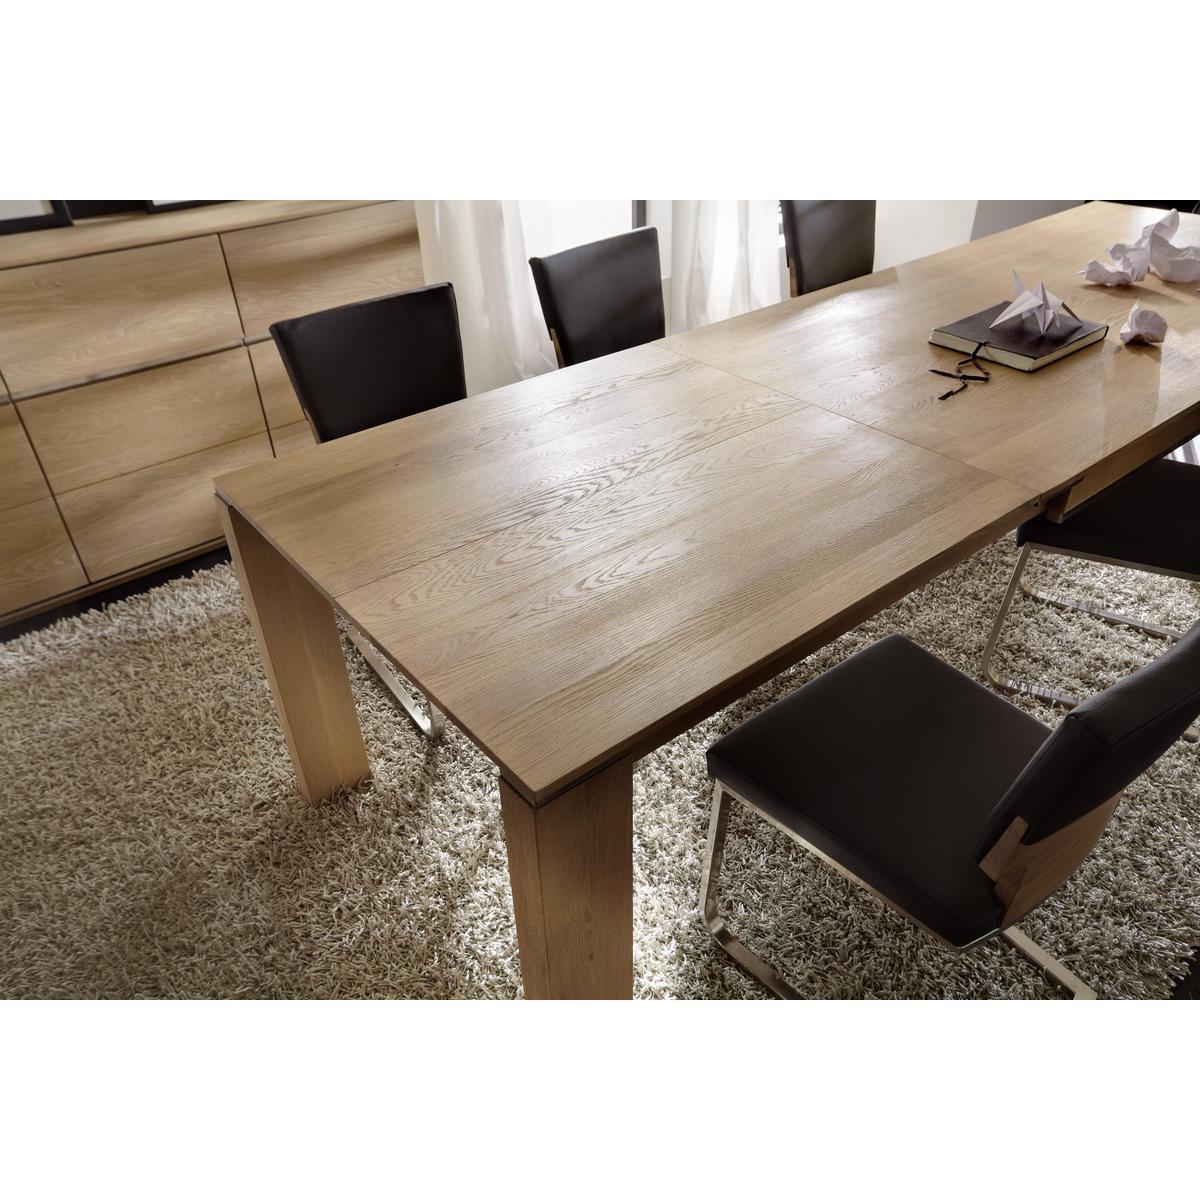 Esstisch ausziehbar eiche geölt  Esszimmertisch ausziehbar Wildeiche massiv bianco geölt 220x95 ACERRO